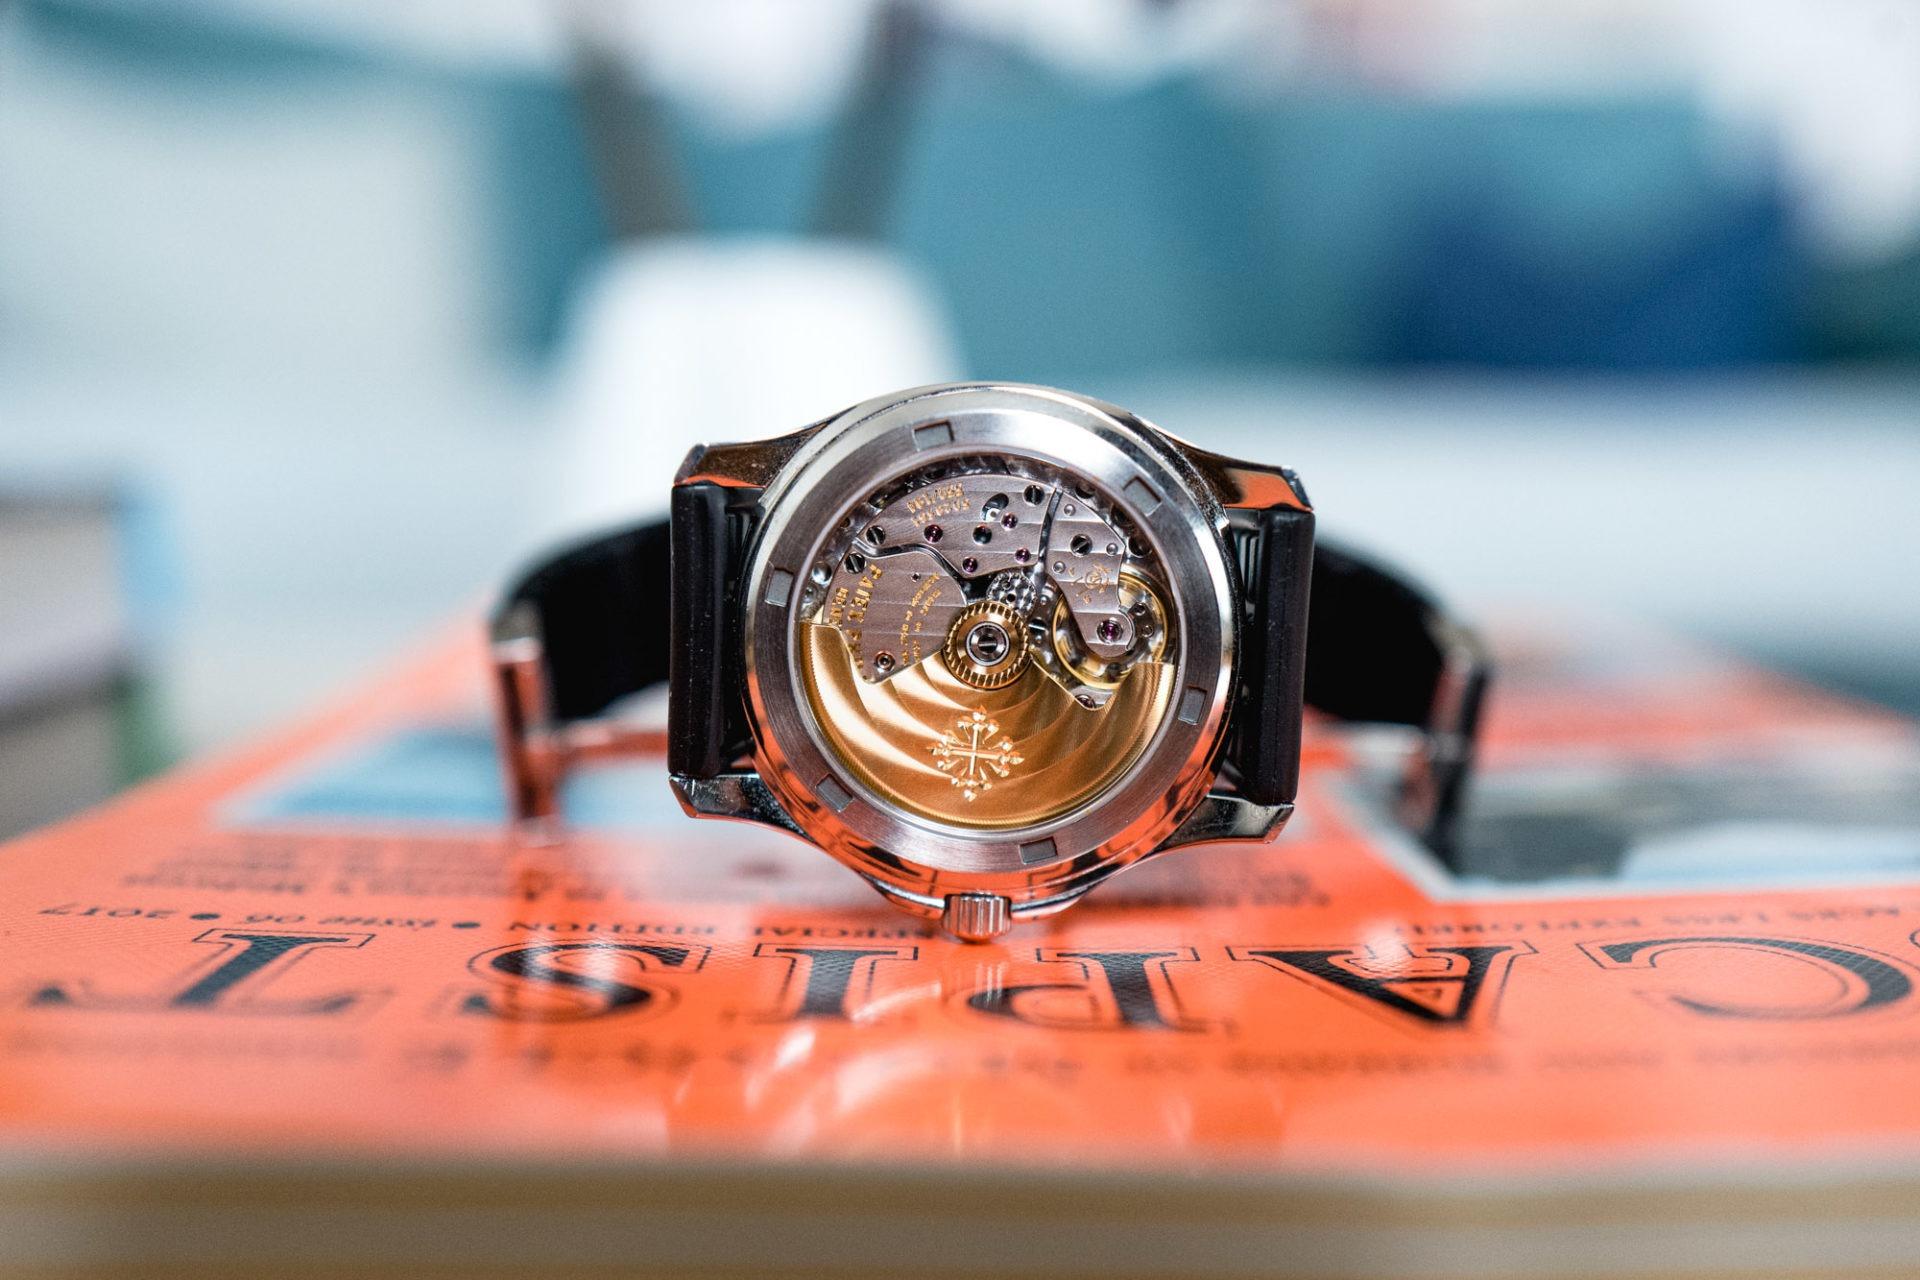 Patek Philippe Aquanaut 5066A - Calibre 330 SC